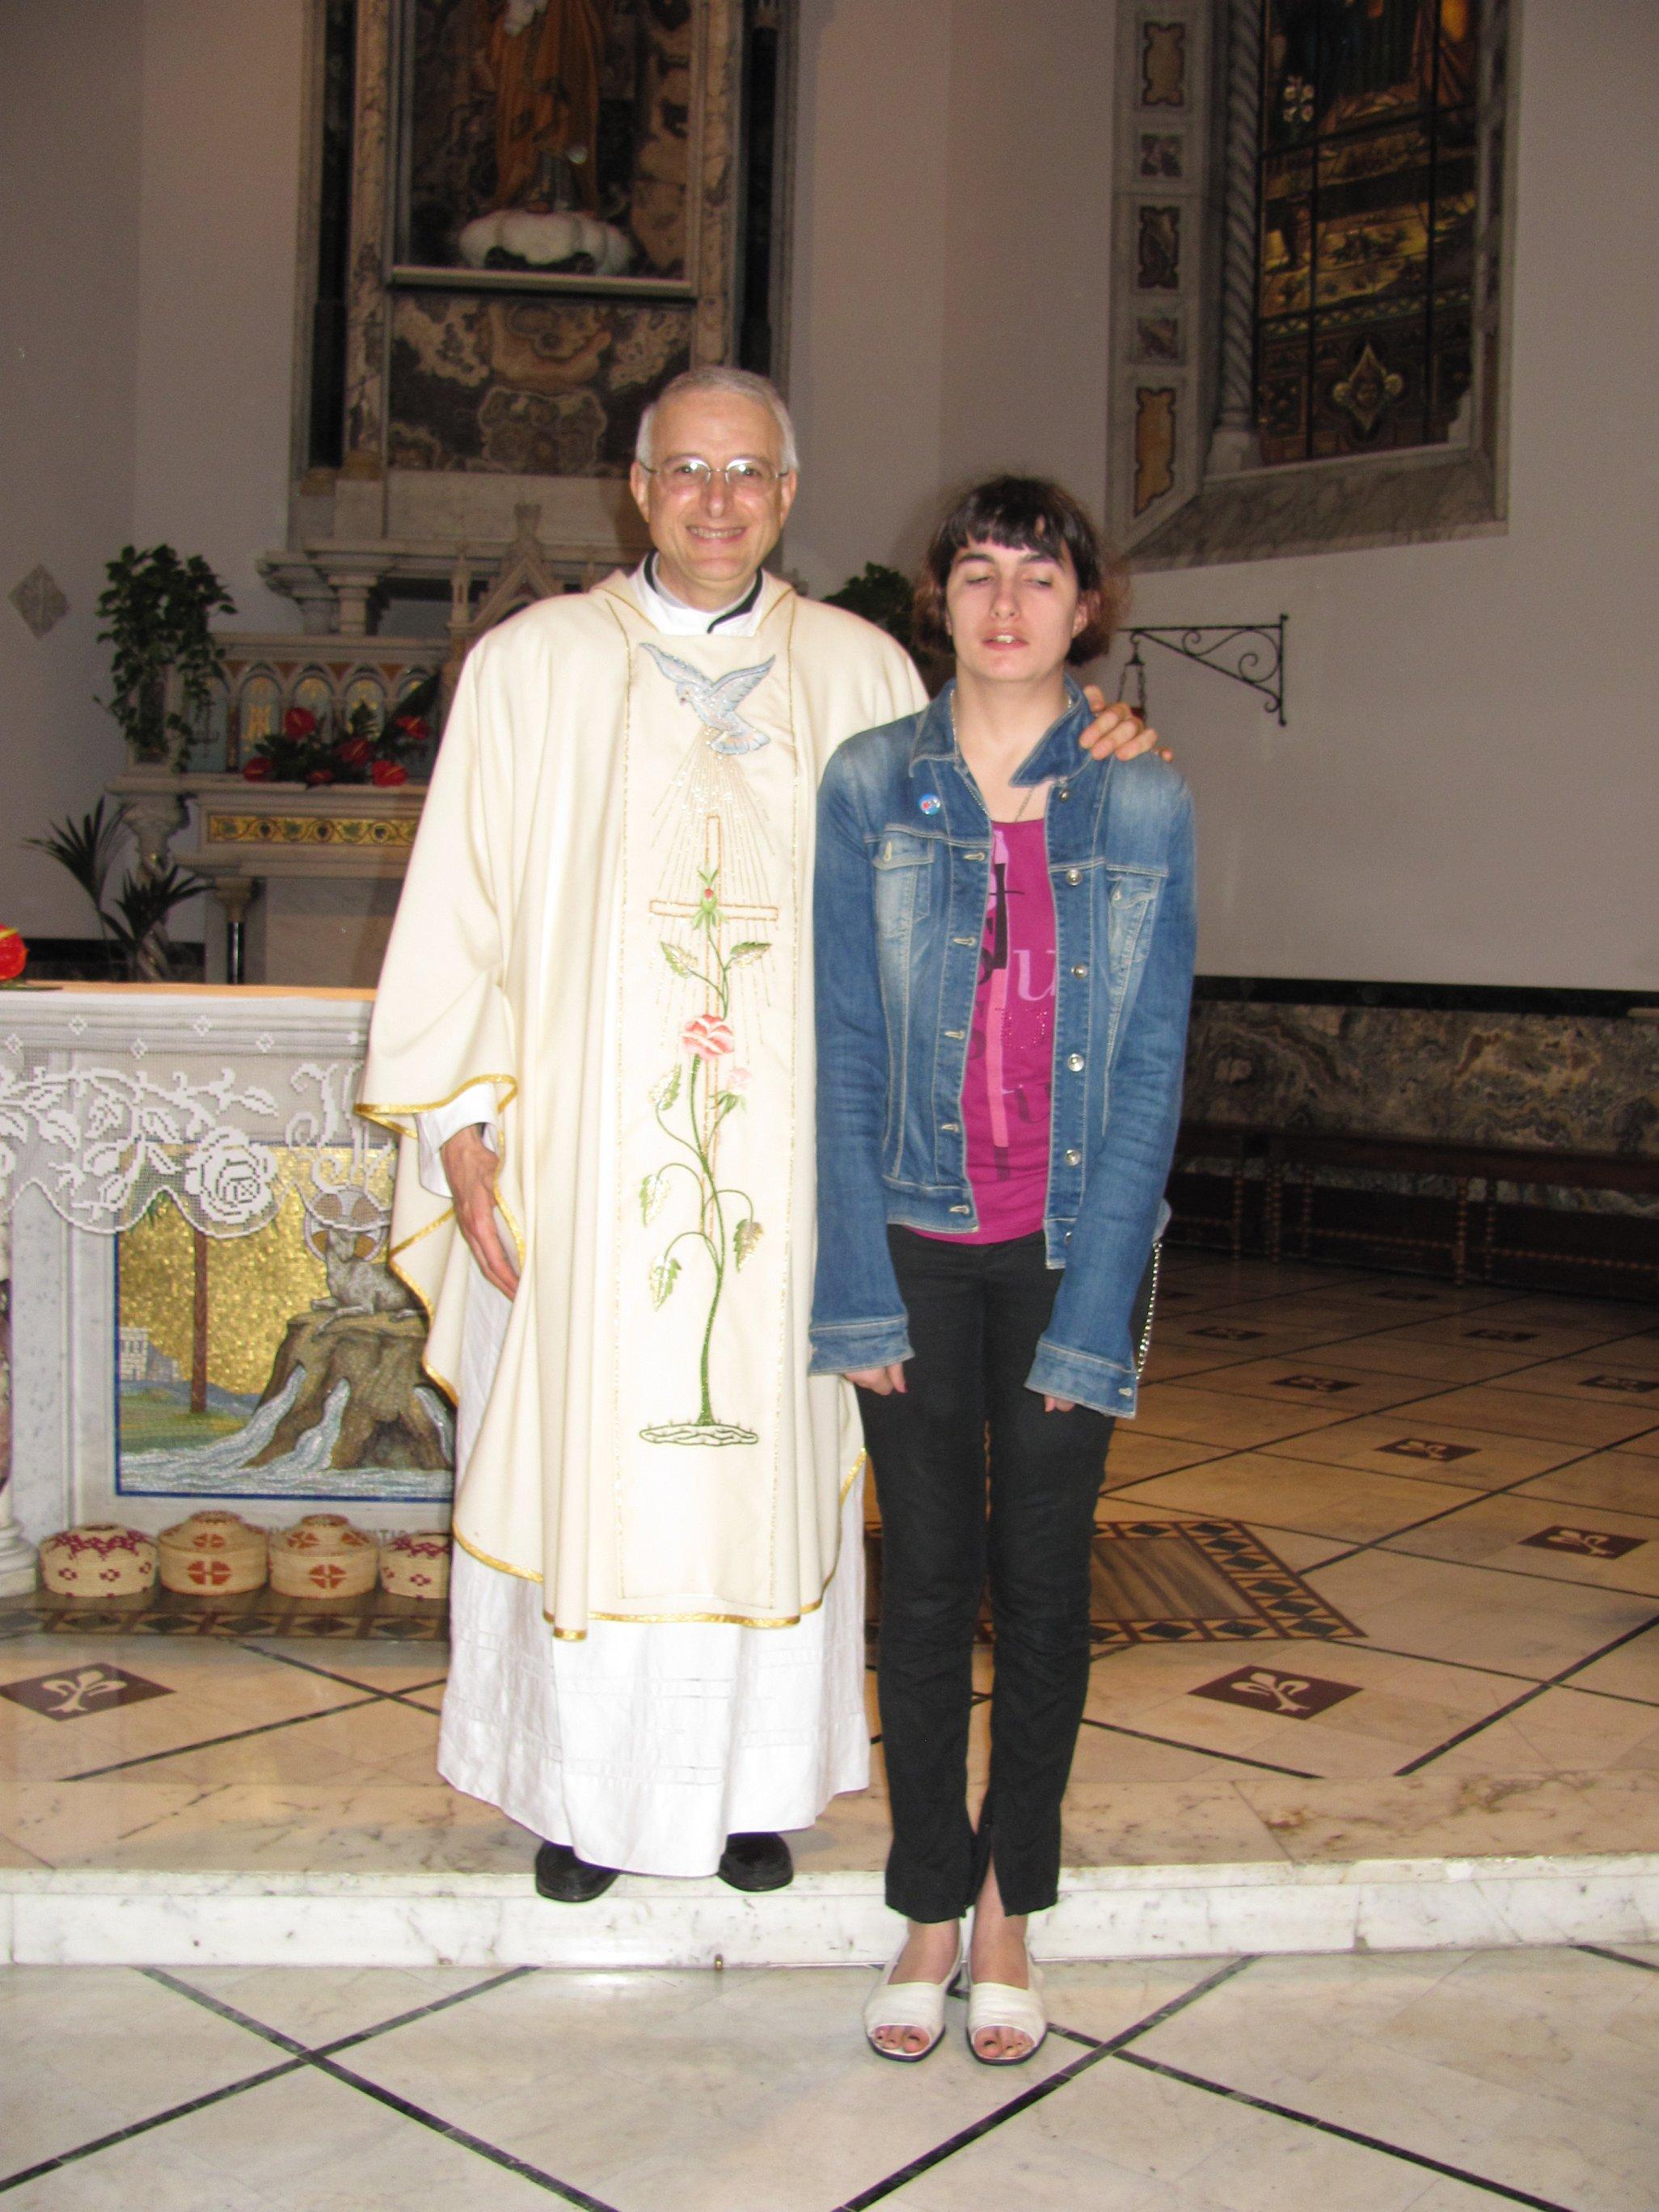 anniversari_di_matrimonio_e_di_ordinazione_2012-06-03-11-28-22